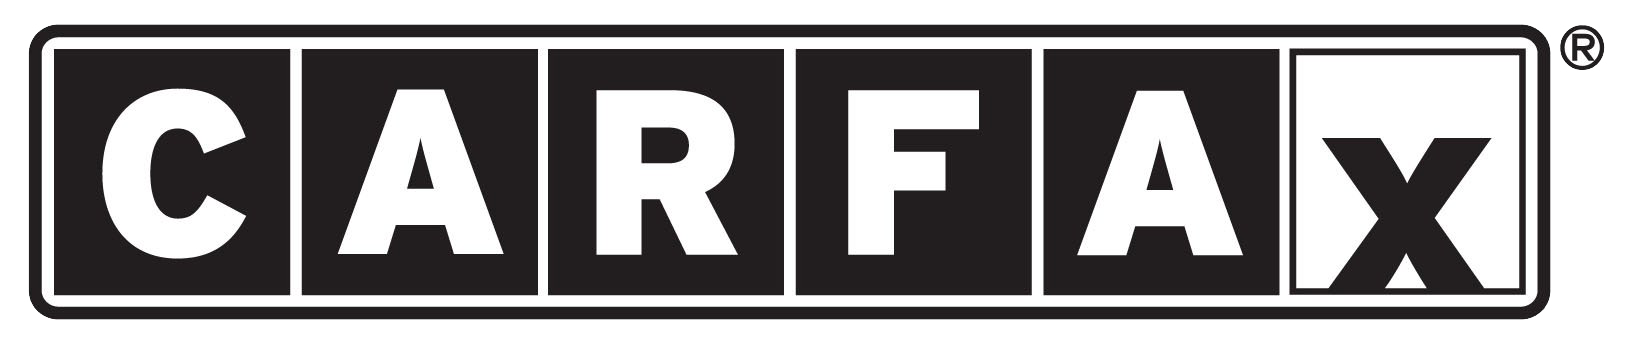 Carfaxlogo